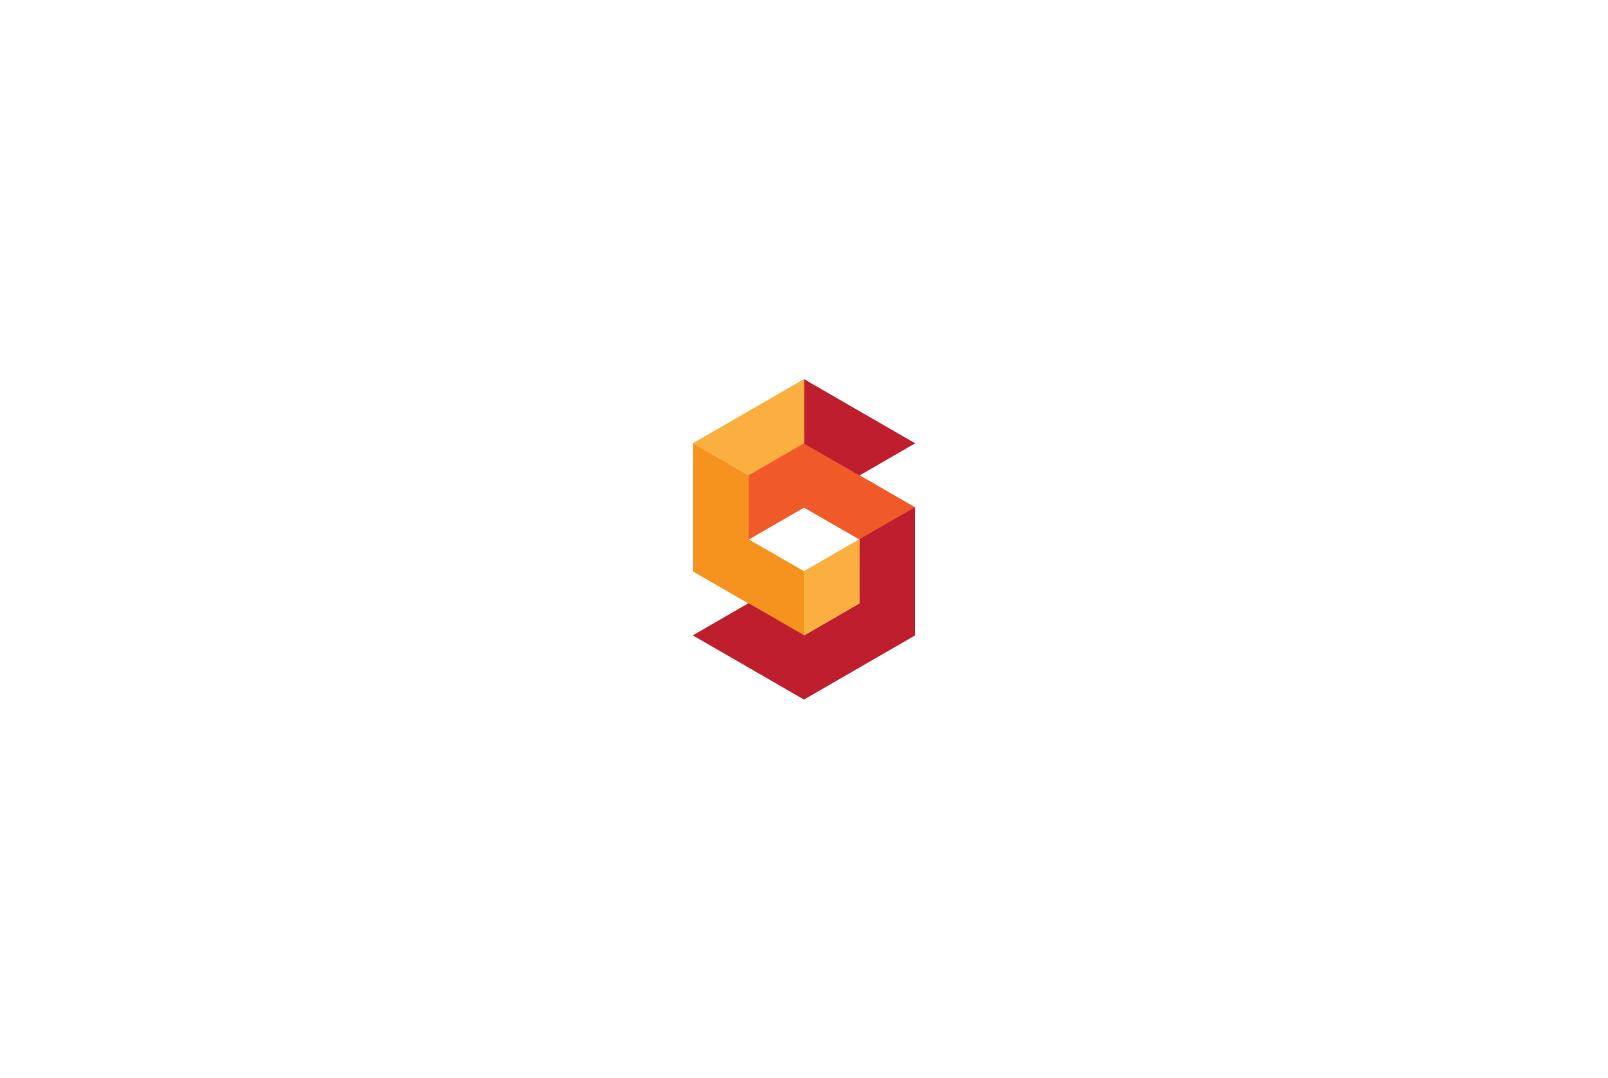 branding+marks-13.jpg